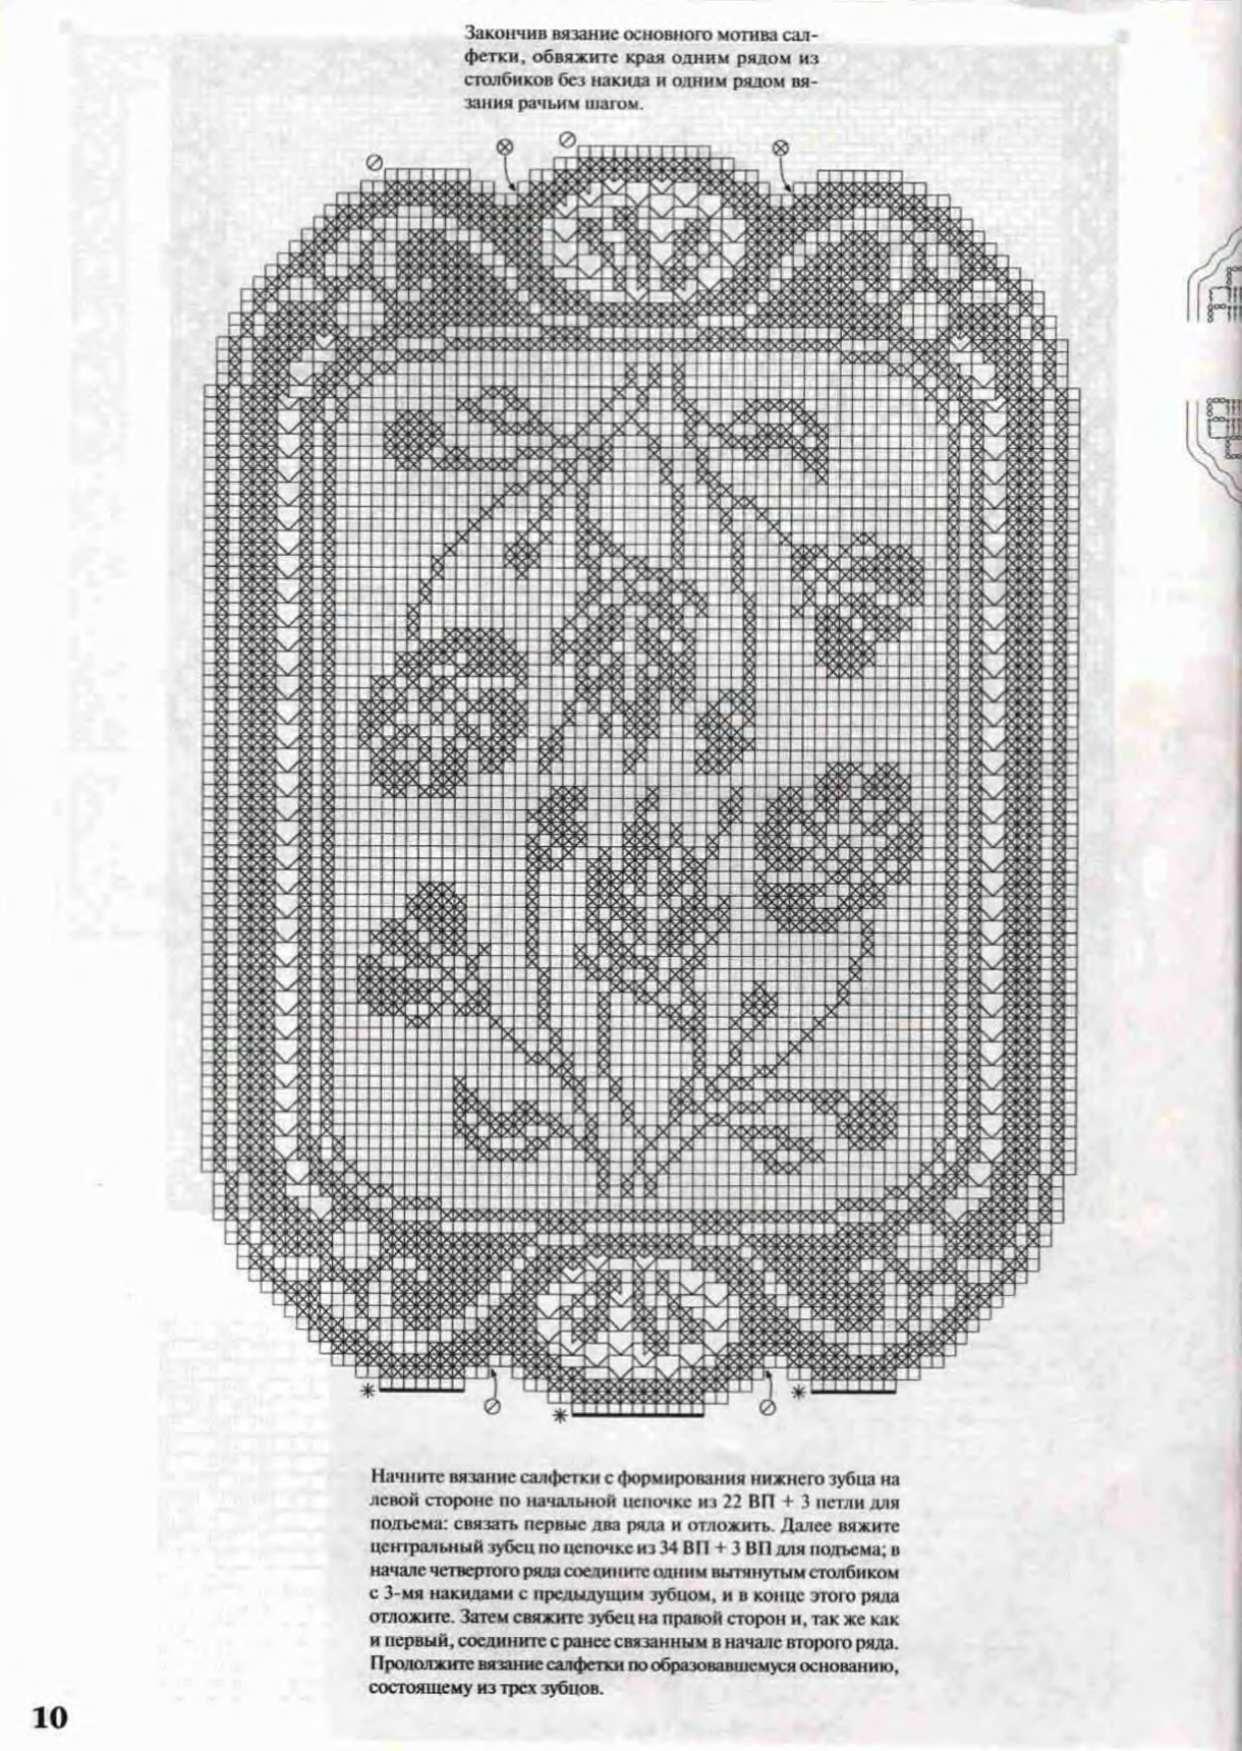 Fantastisch La Schriftglasrahmen Bilder - Benutzerdefinierte ...